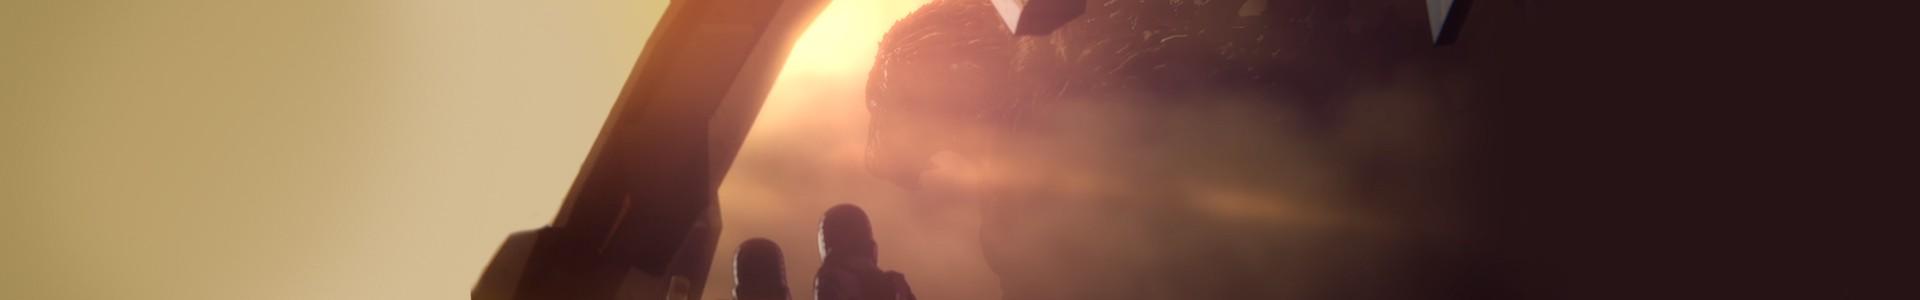 Filmes do Godzilla serão uma trilogia animada